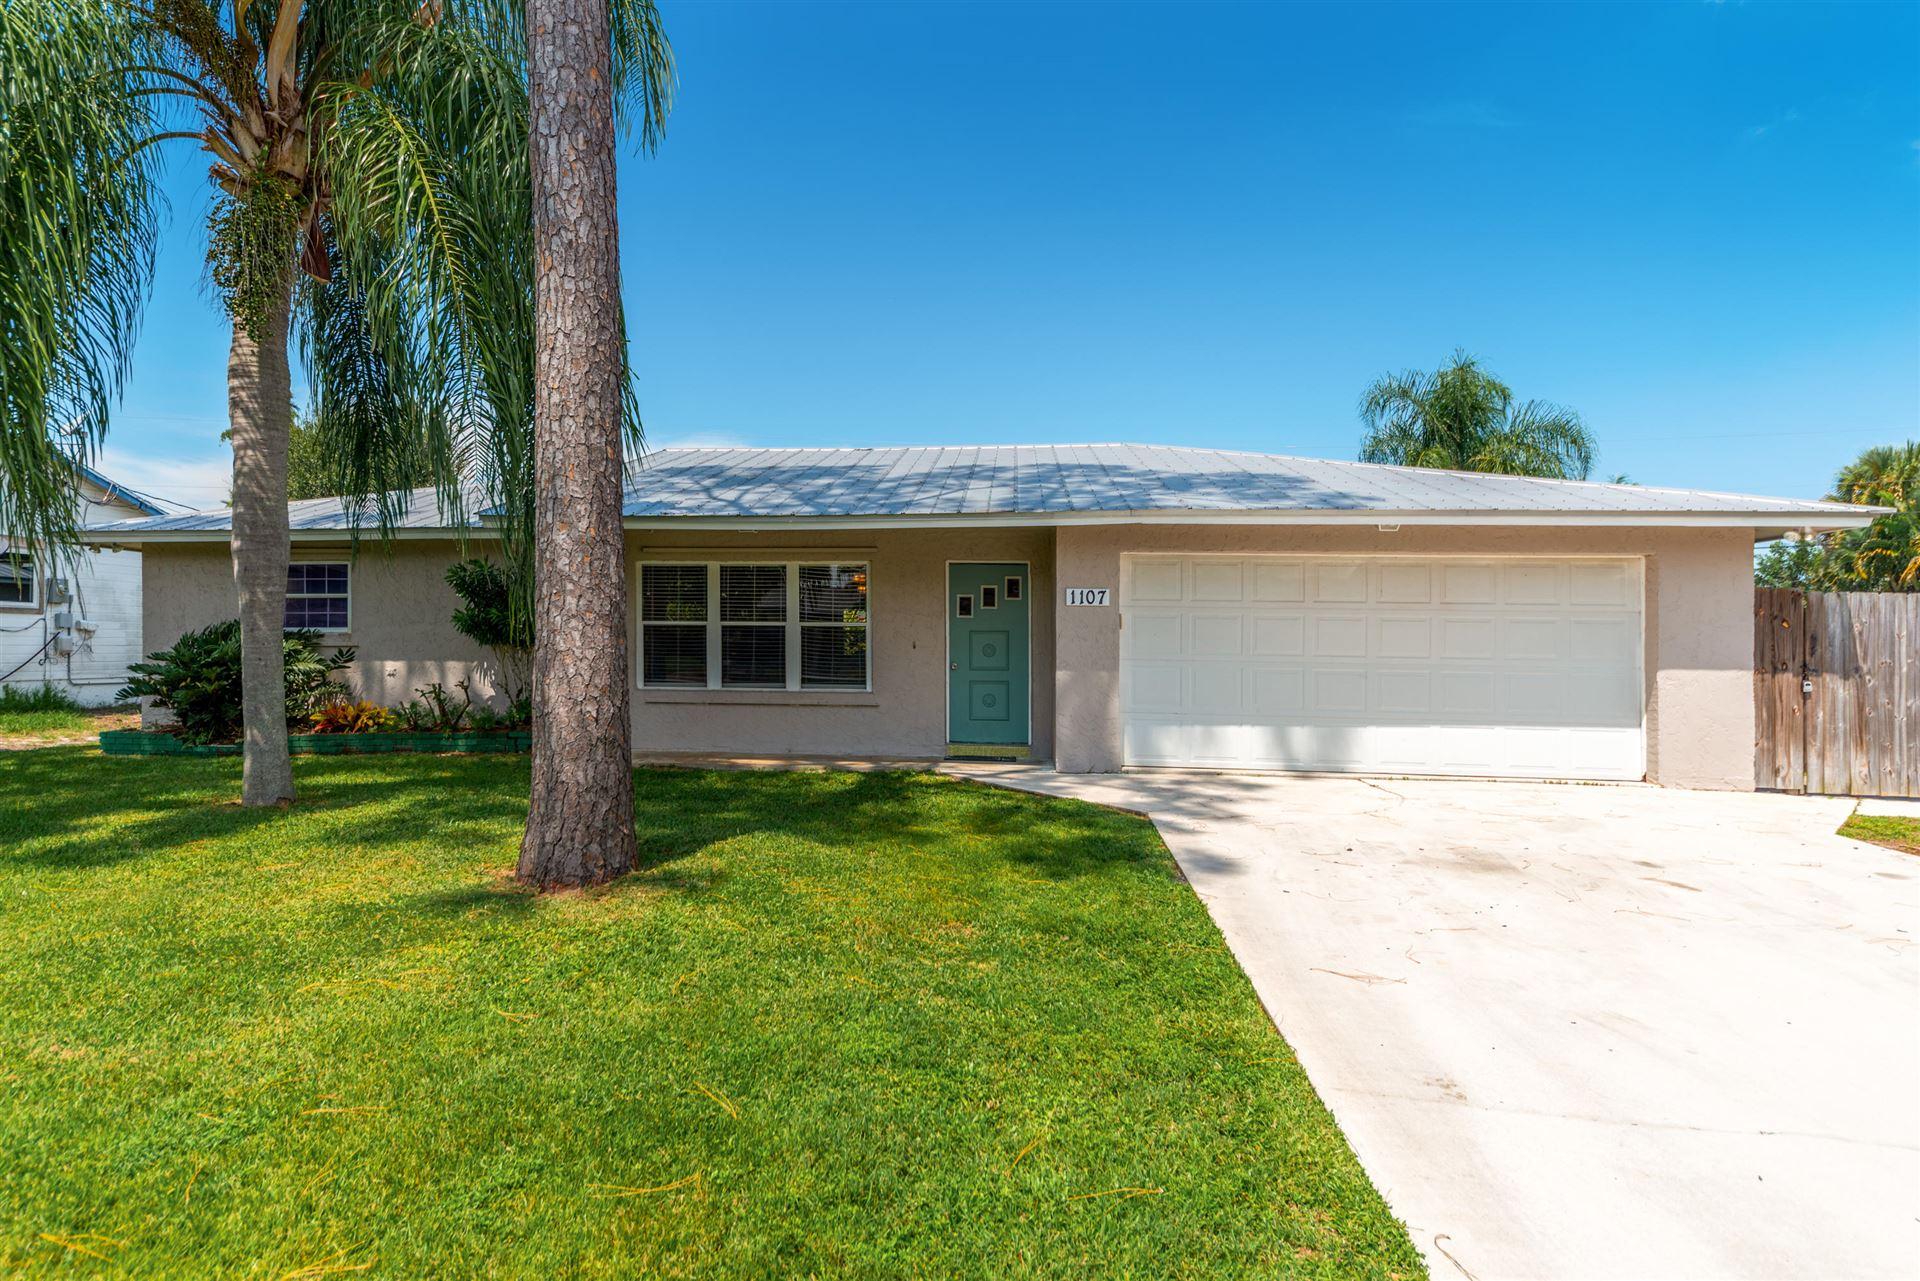 1107 NW 13th Street, Stuart, FL 34994 - #: RX-10654288